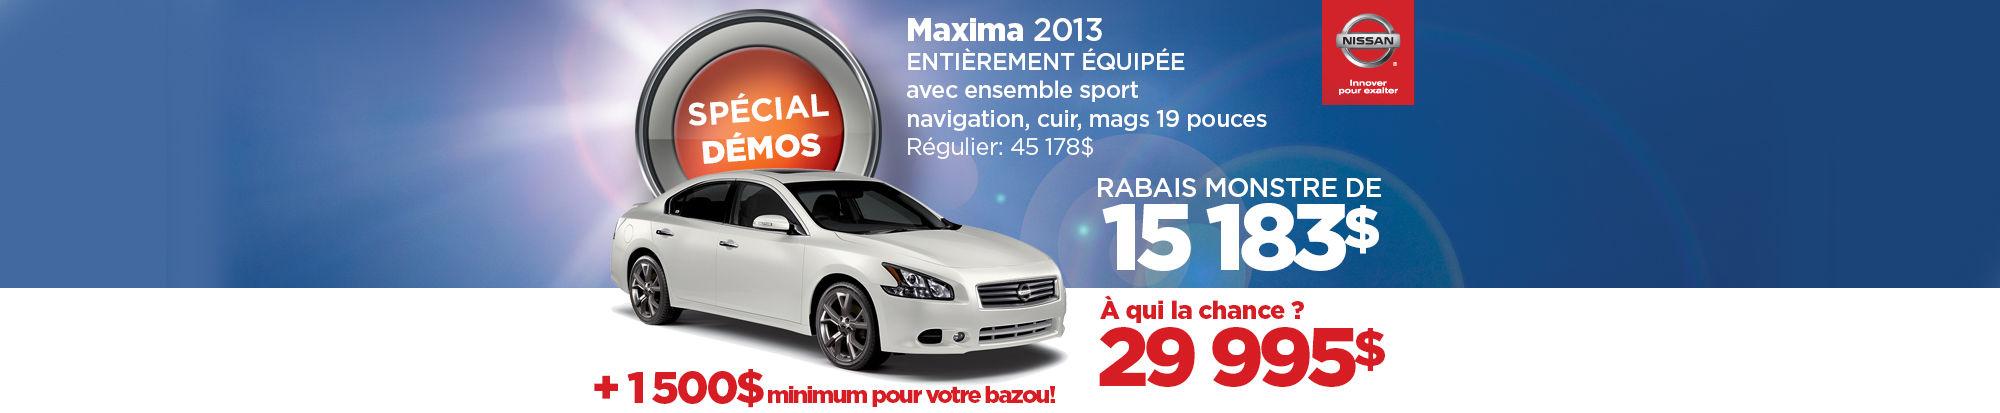 La Nissan Maxima